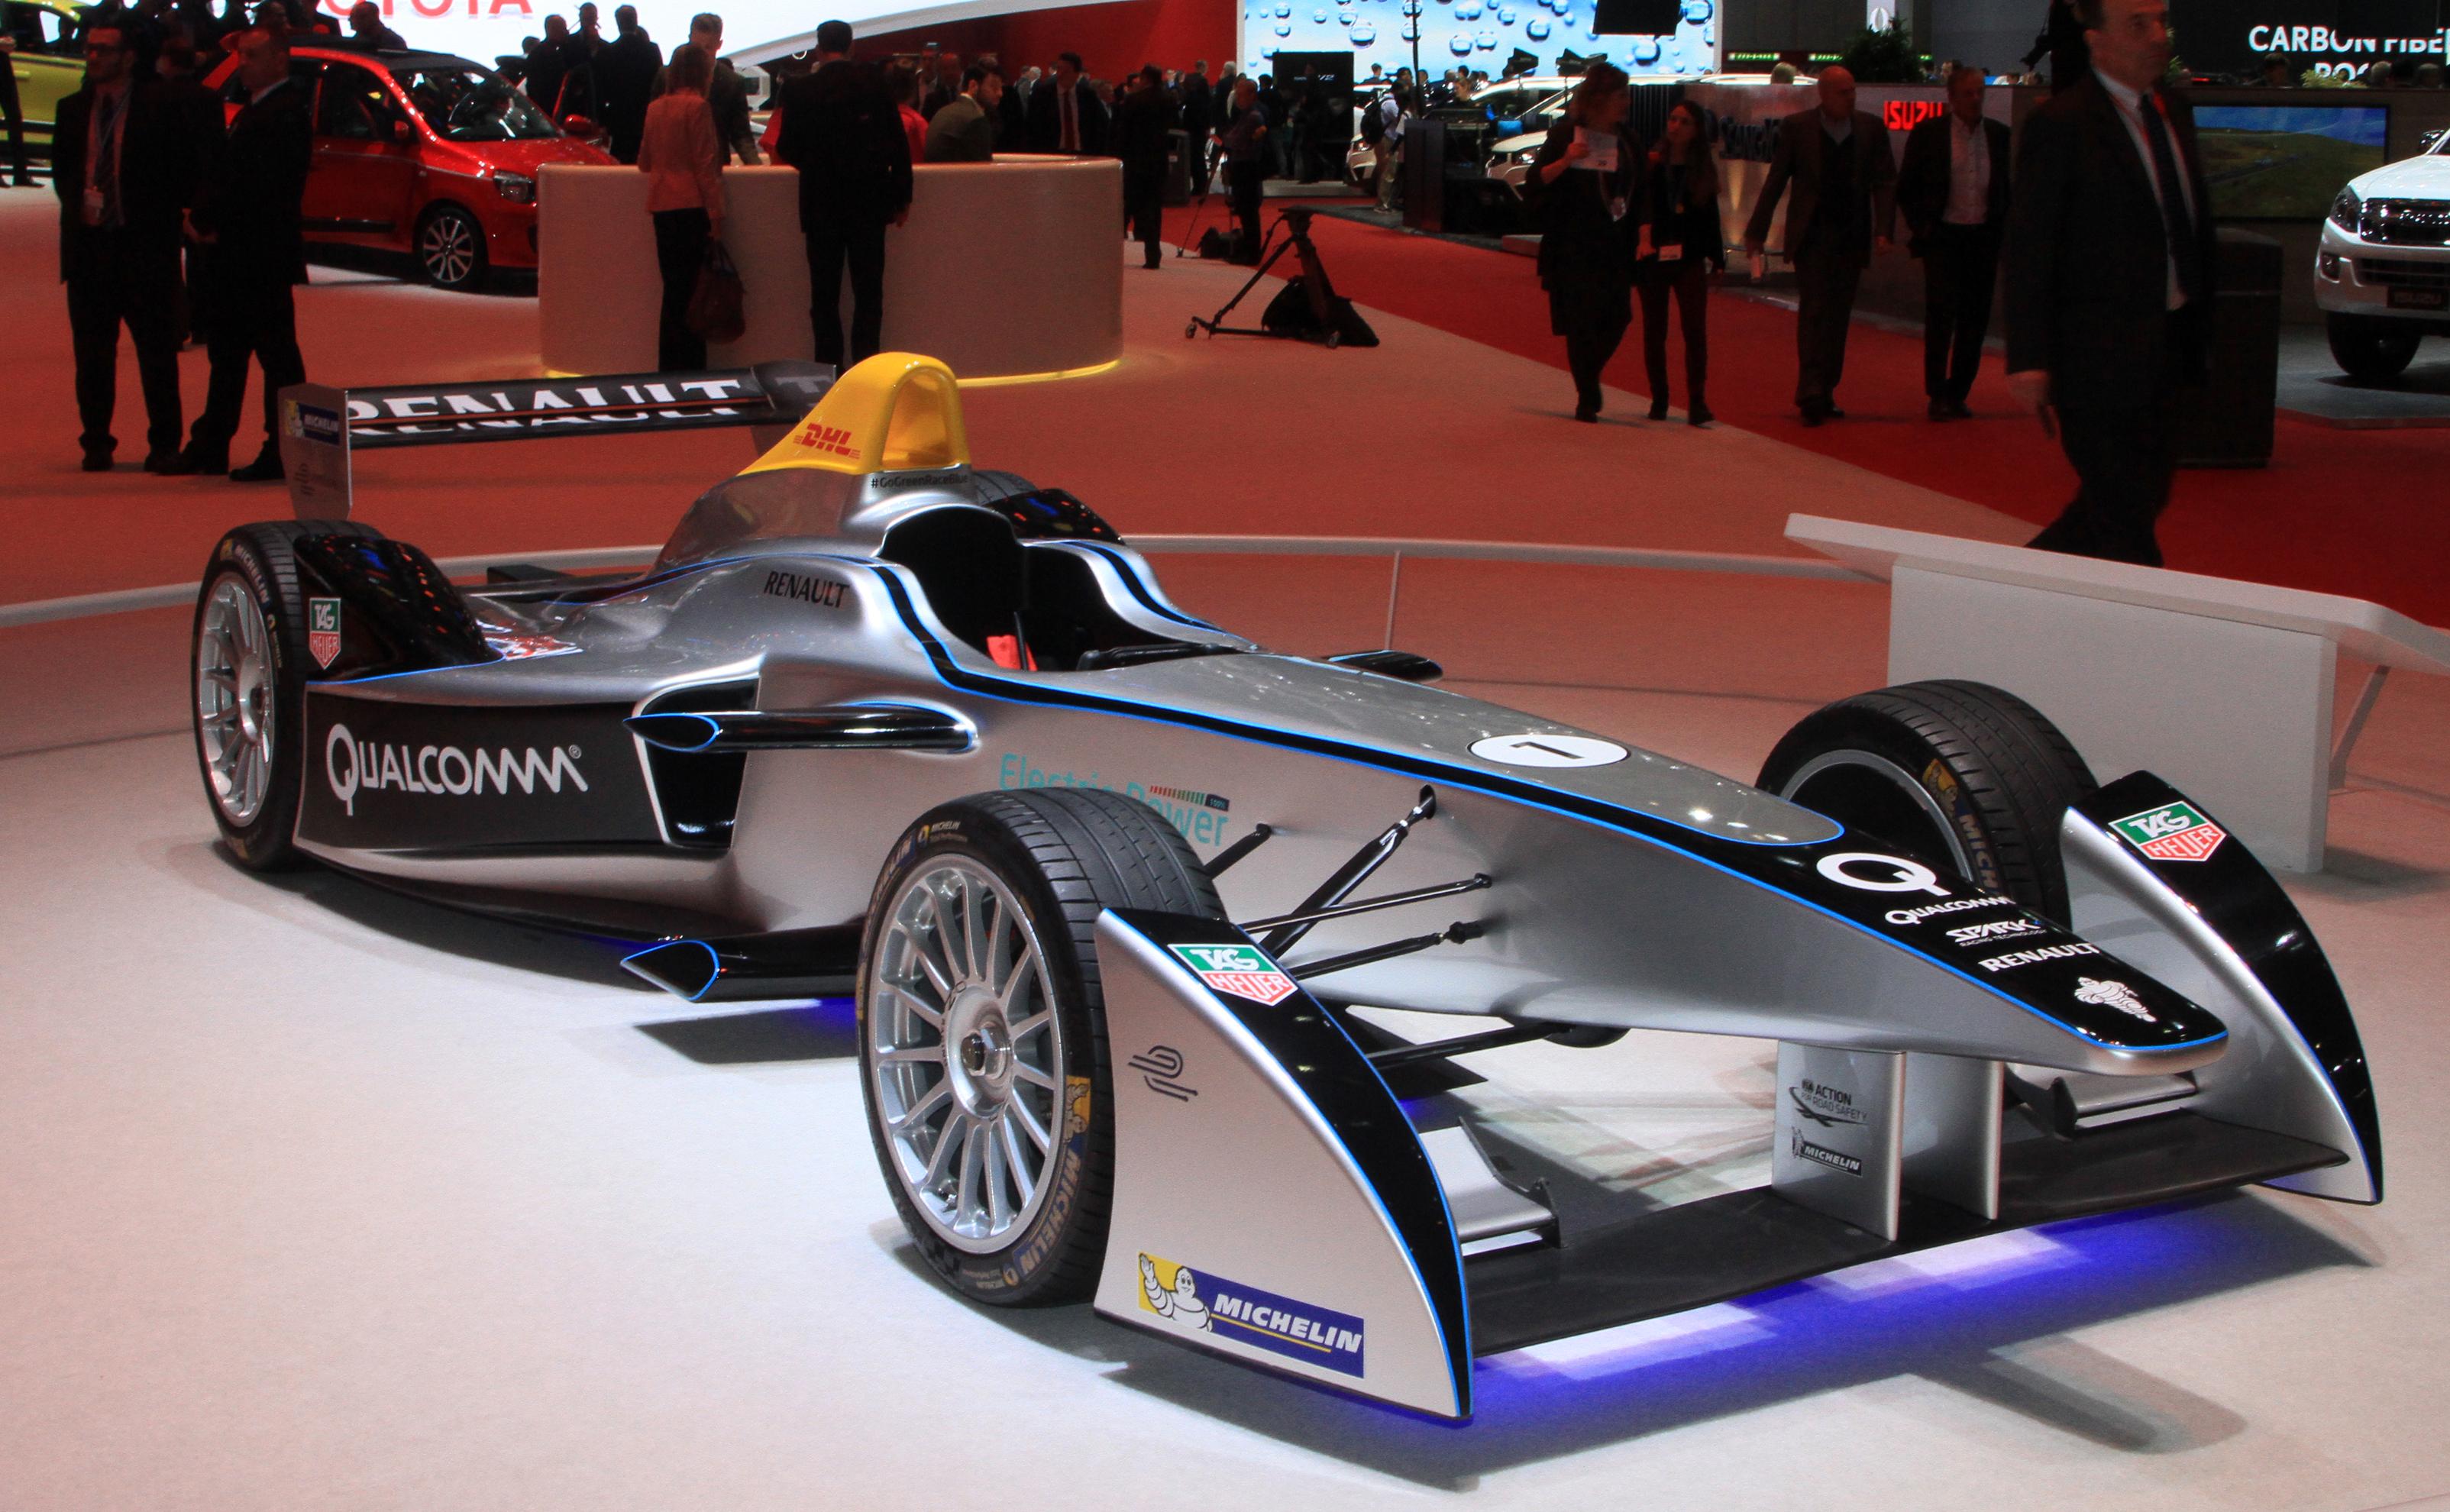 Сенна vs Проста у Кремля: гонку чемпионата Formula E везут в Россию